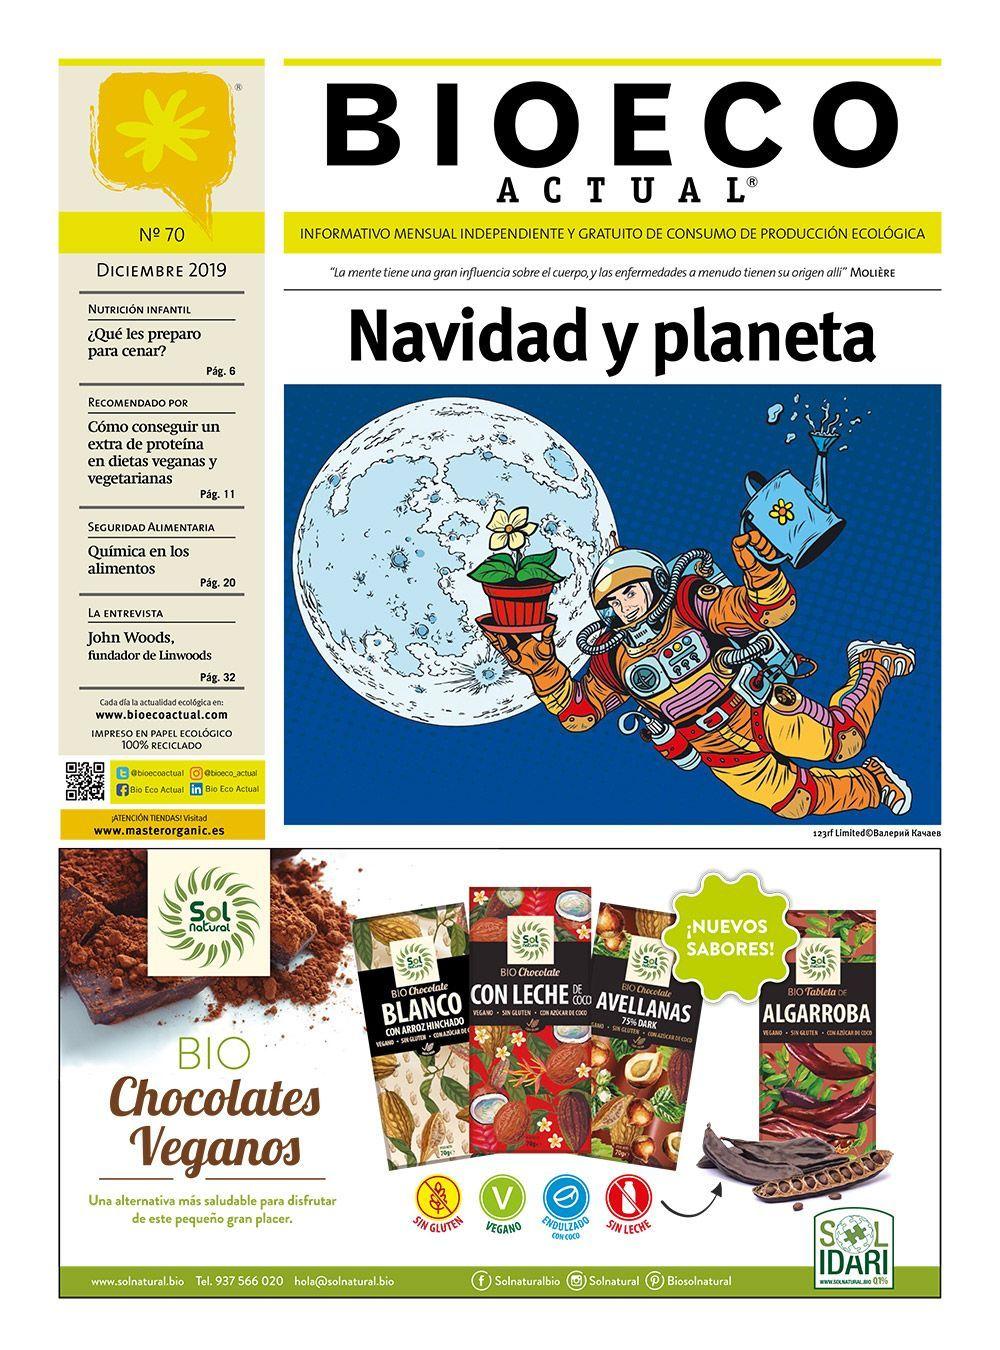 Bio Eco Actual Diciembre 2019 Alimentación ecológica prensa independiente bio eco organic medio ambiente sostenibilidad